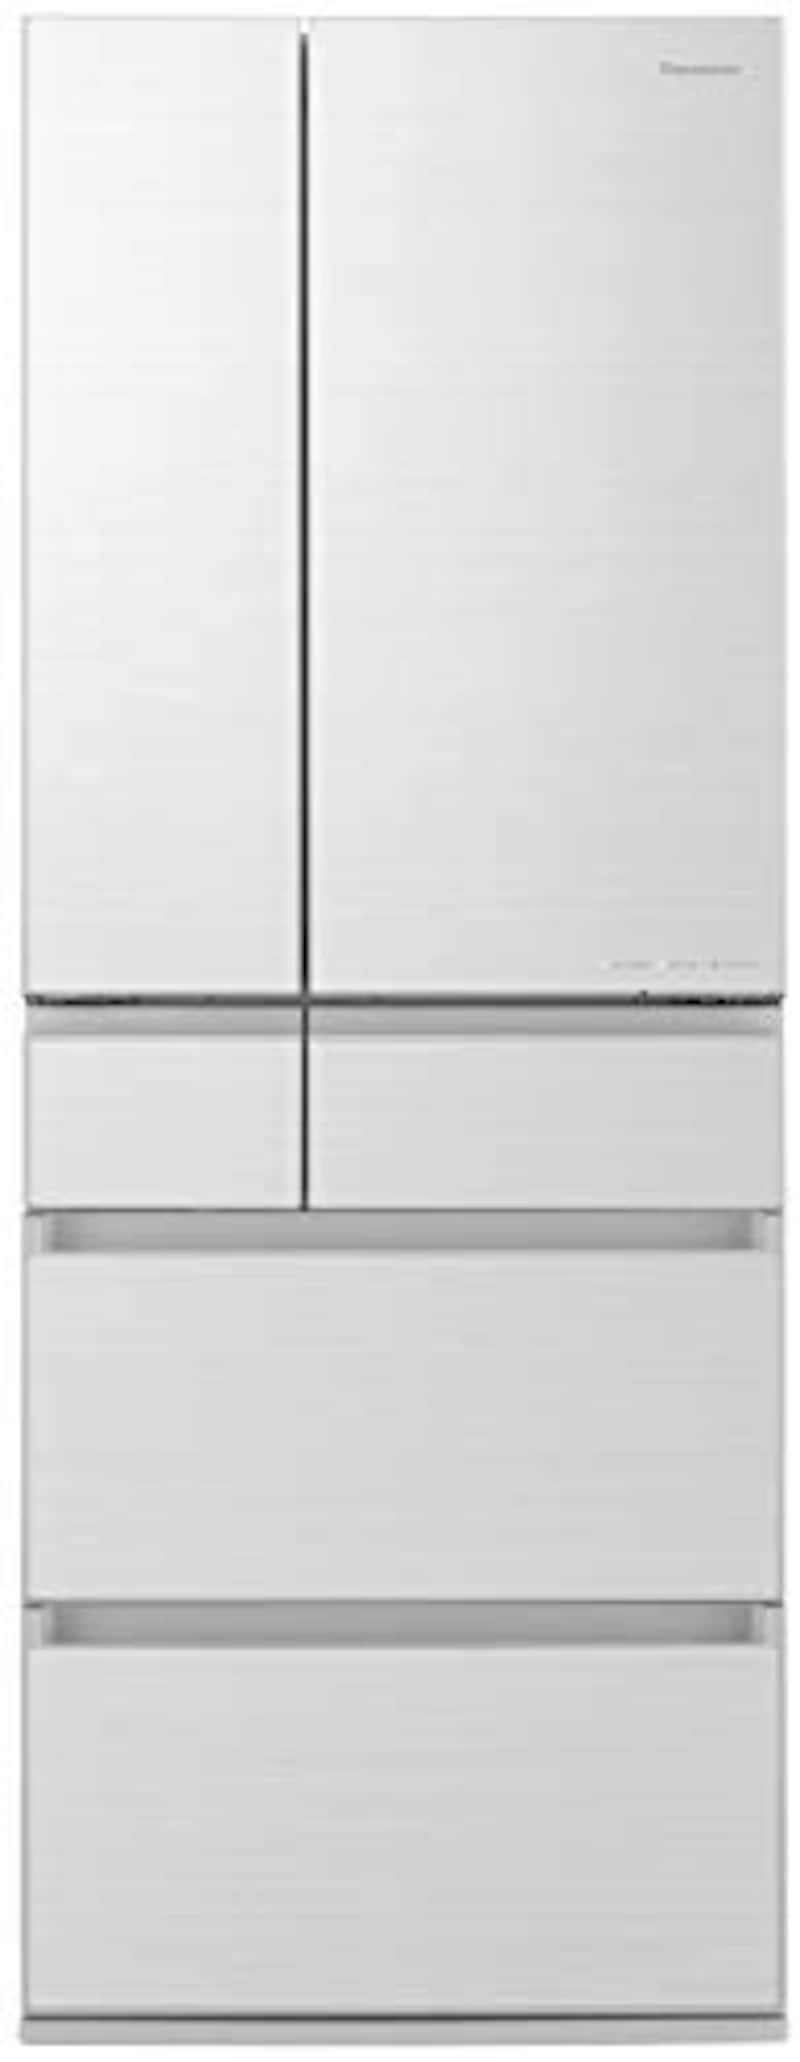 Panasonic(パナソニック),6ドア冷蔵庫 アルベロホワイト,NR-F606HPX-W